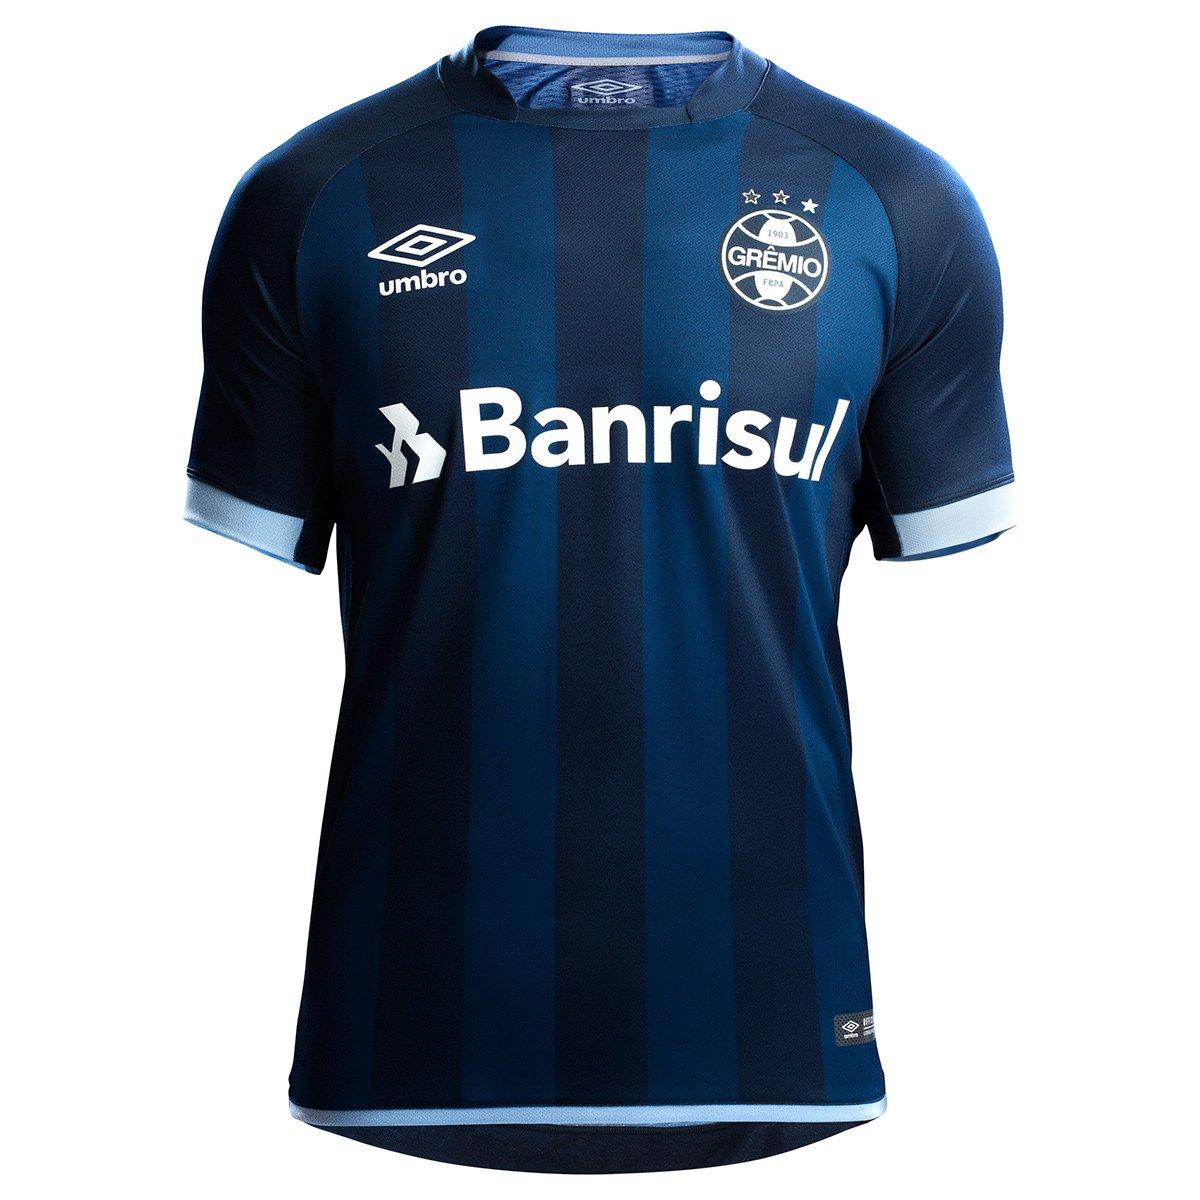 7e2c860438 Camisa Grêmio III 17/18 s/n° - Torcedor Umbro Masculina